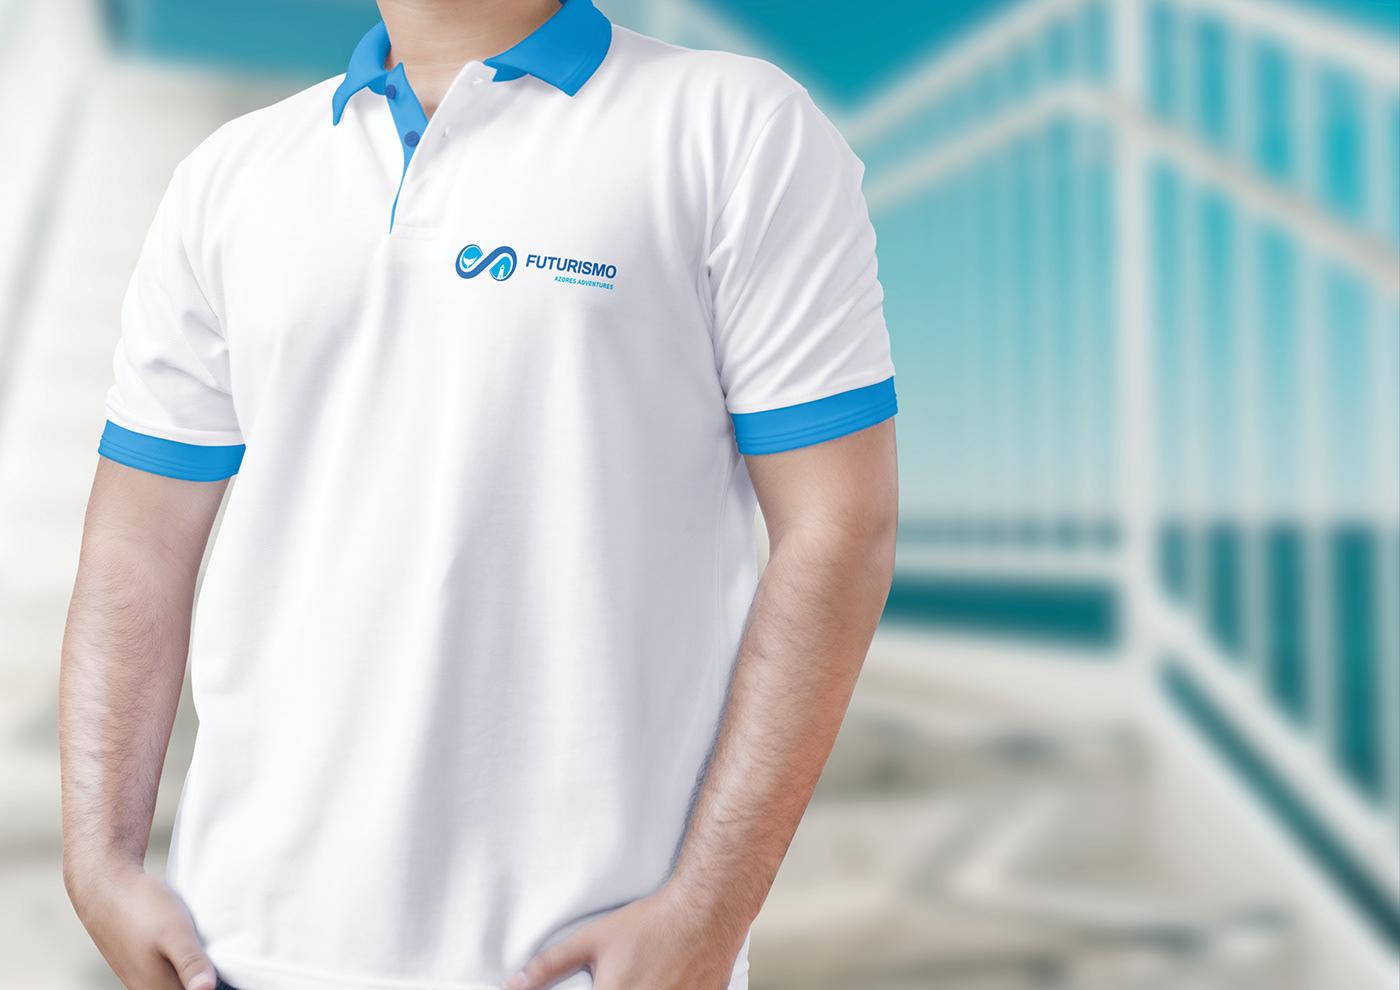 Image may contain: person, man and shirt